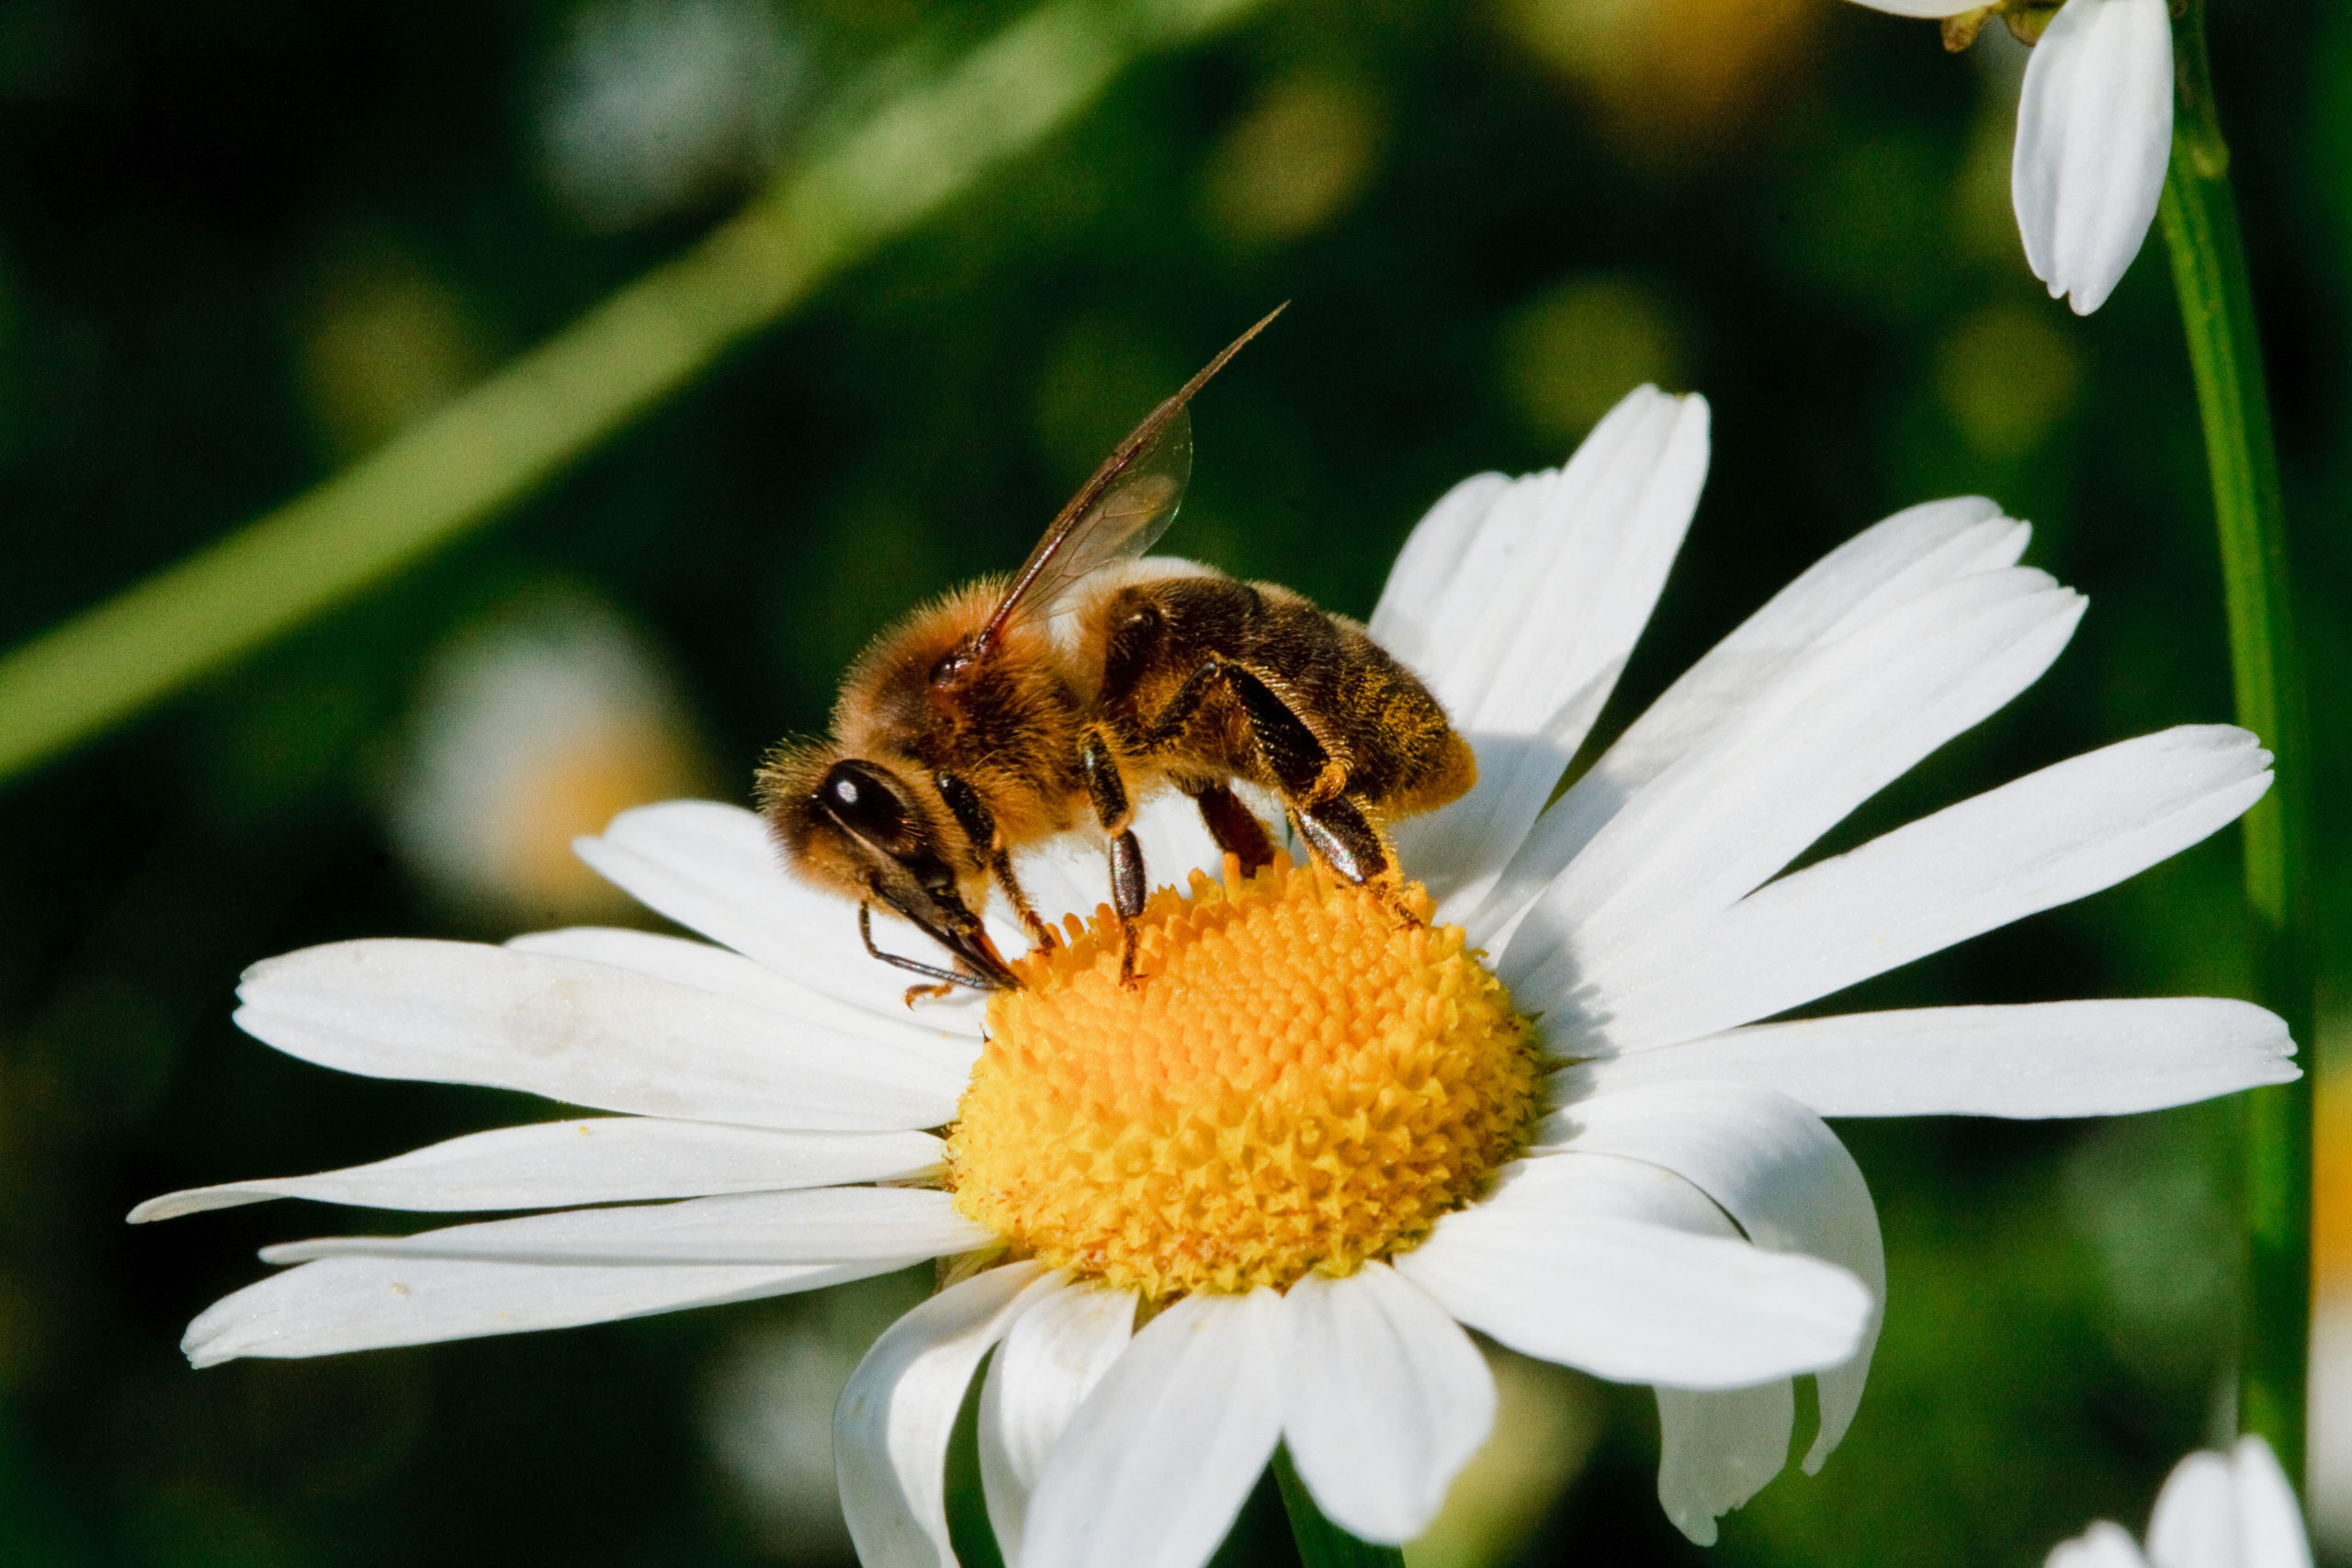 zapylająca kwiat pszczoła (fot. Piotr Kopaniszyn)